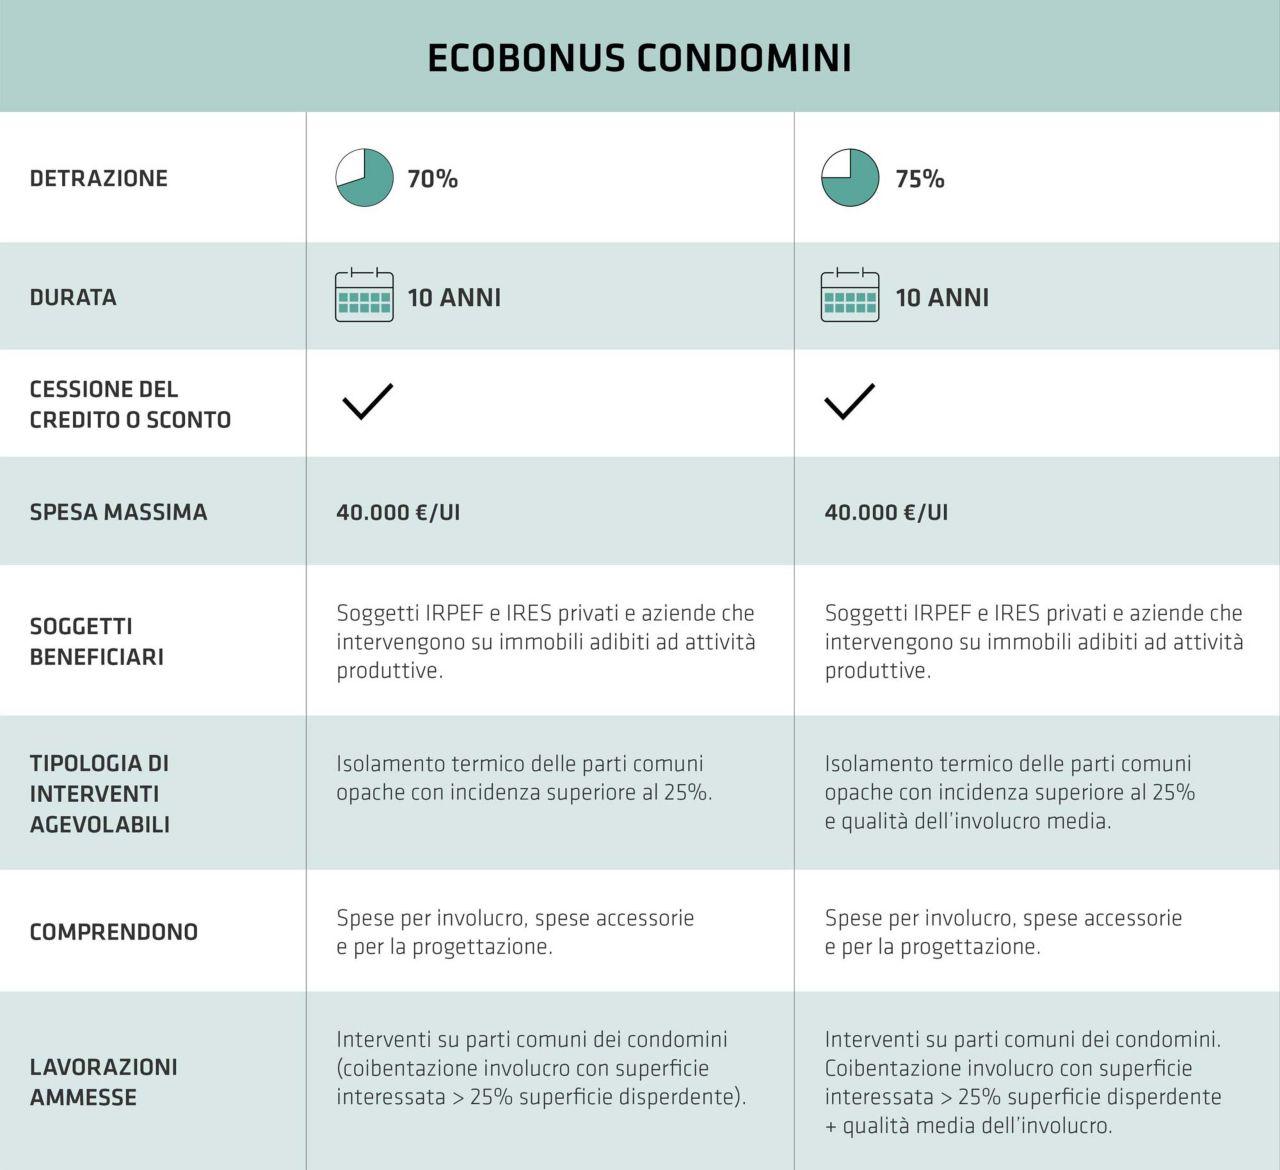 Tabella Guida Ecobonus Condomini